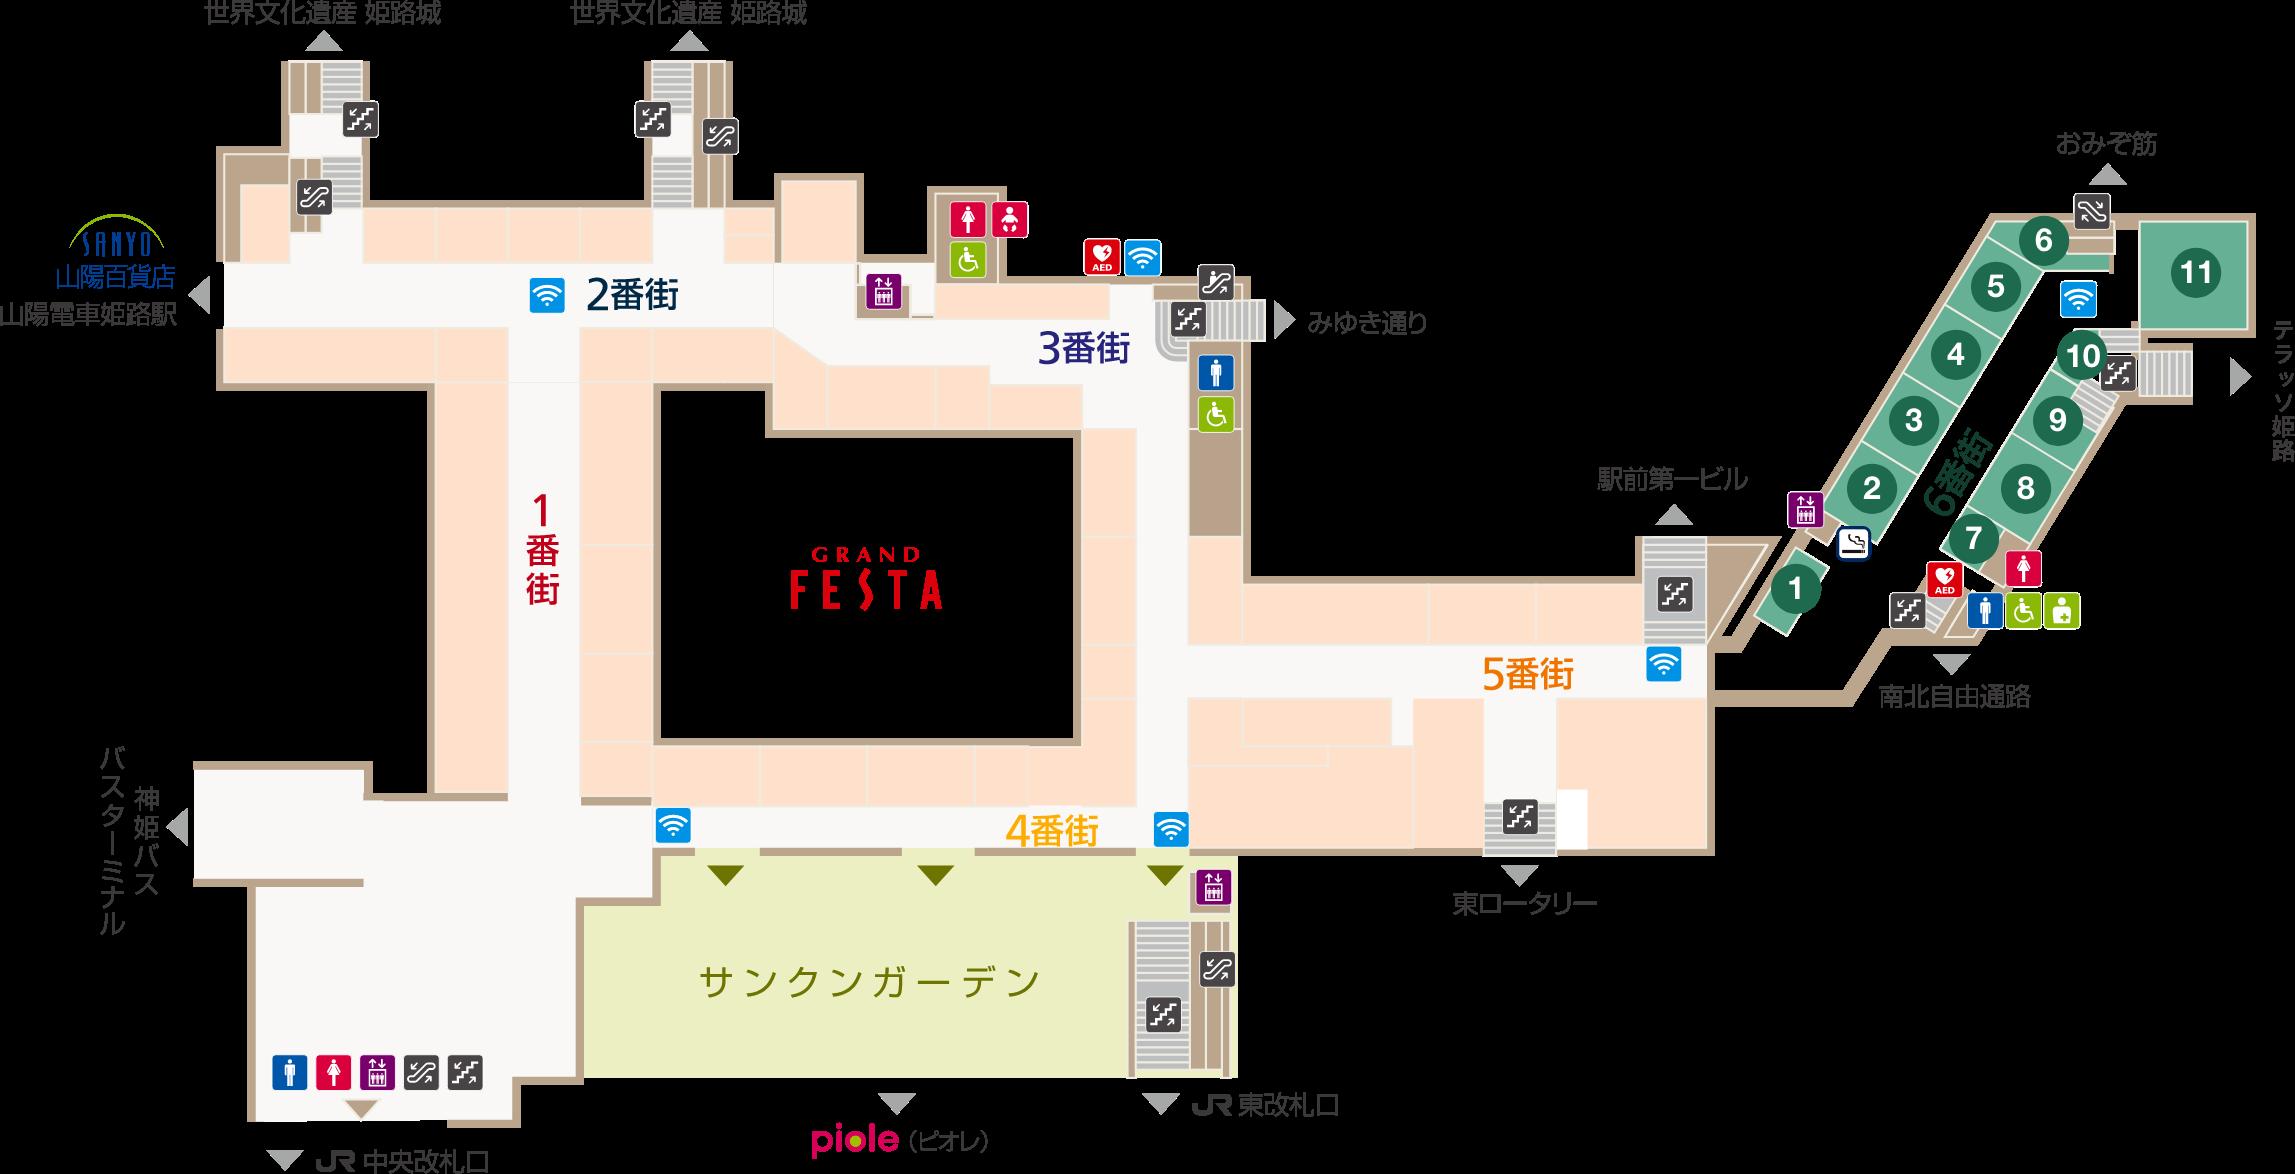 フェスタビル マップ6F